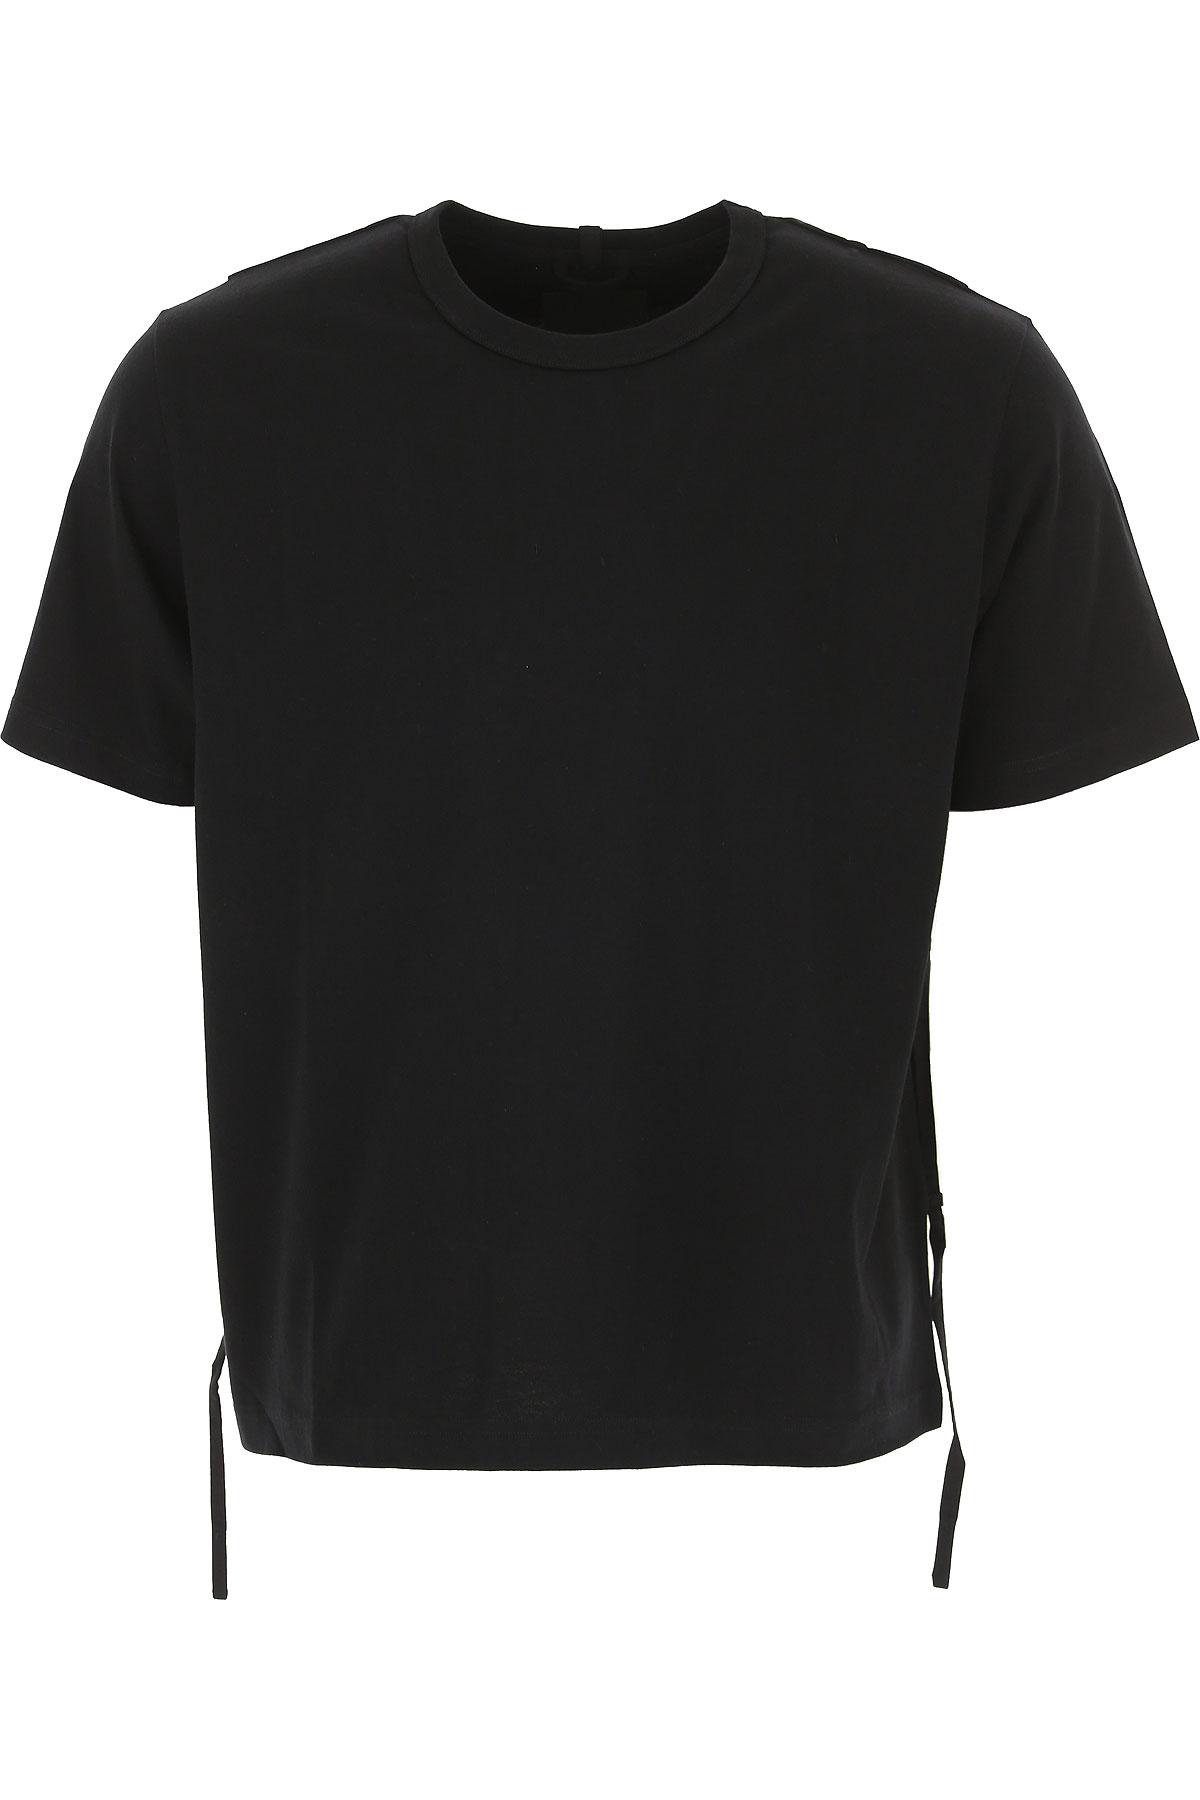 Craig Green T-shirt Homme Pas cher en Soldes, Noir, Coton, 2017, L M S